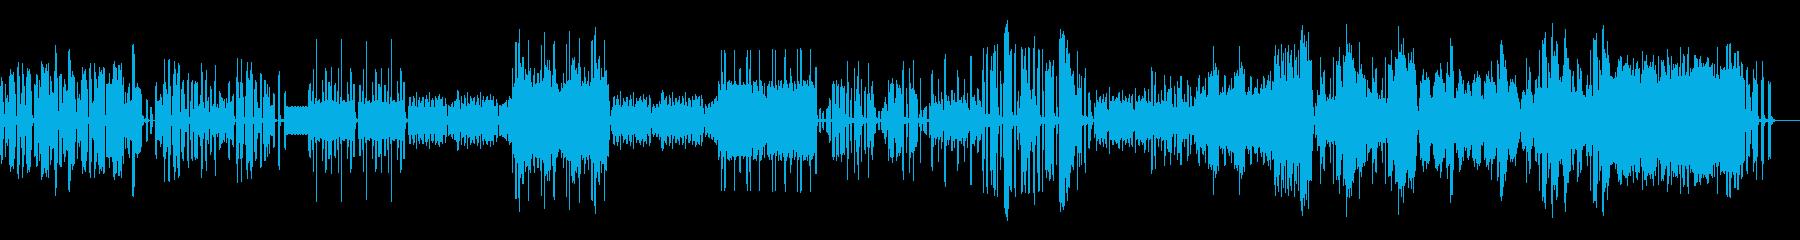 【リコーダー】アルルの女〜ファランドールの再生済みの波形